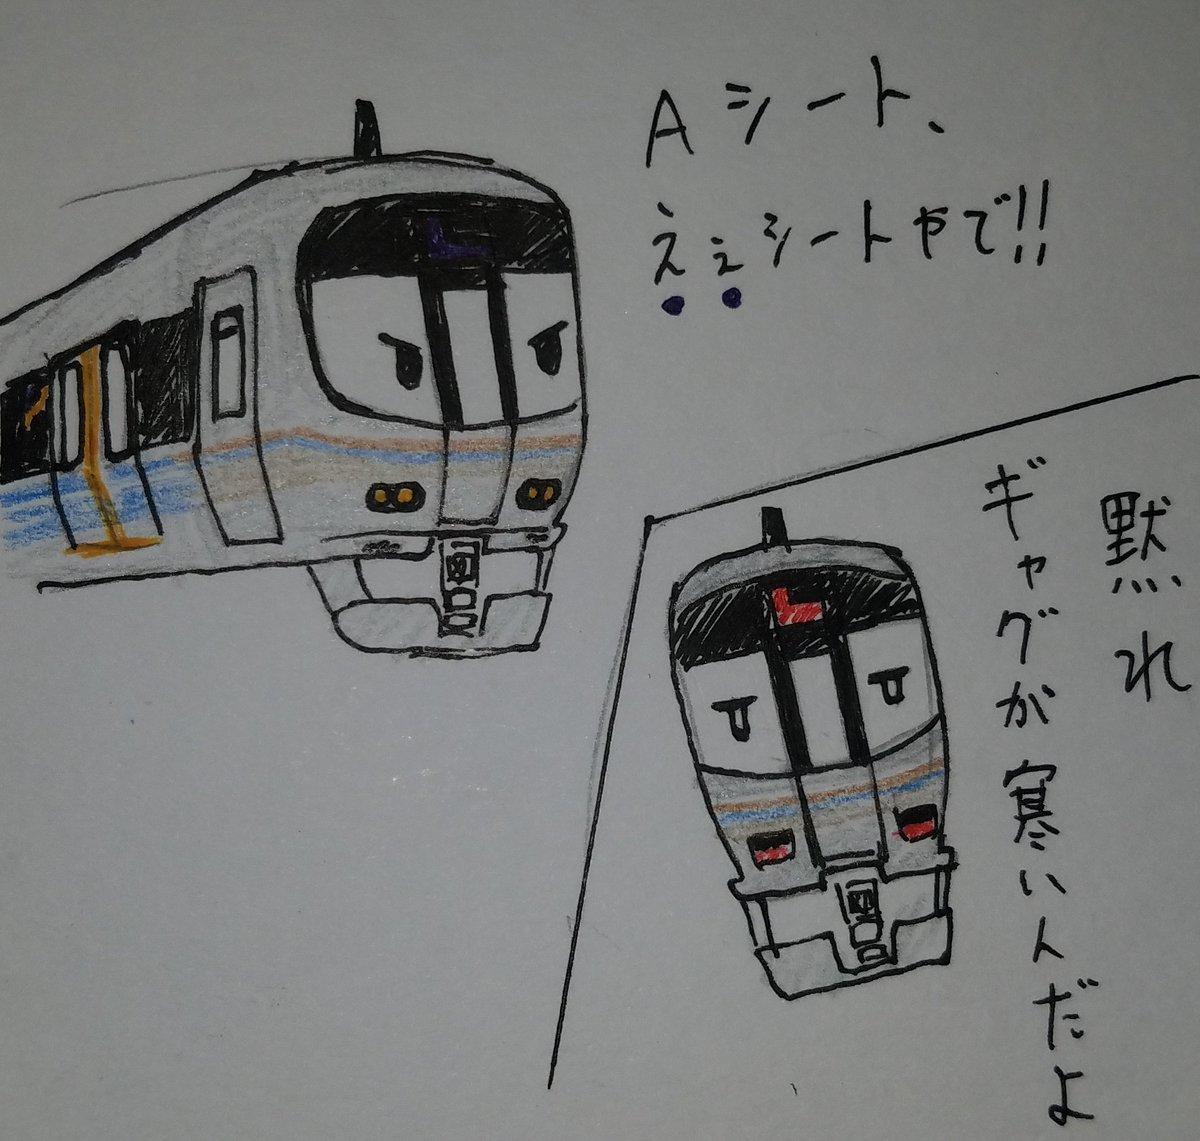 Kanannu1701@❄️中性氷属性❄️'s photo on Aシート